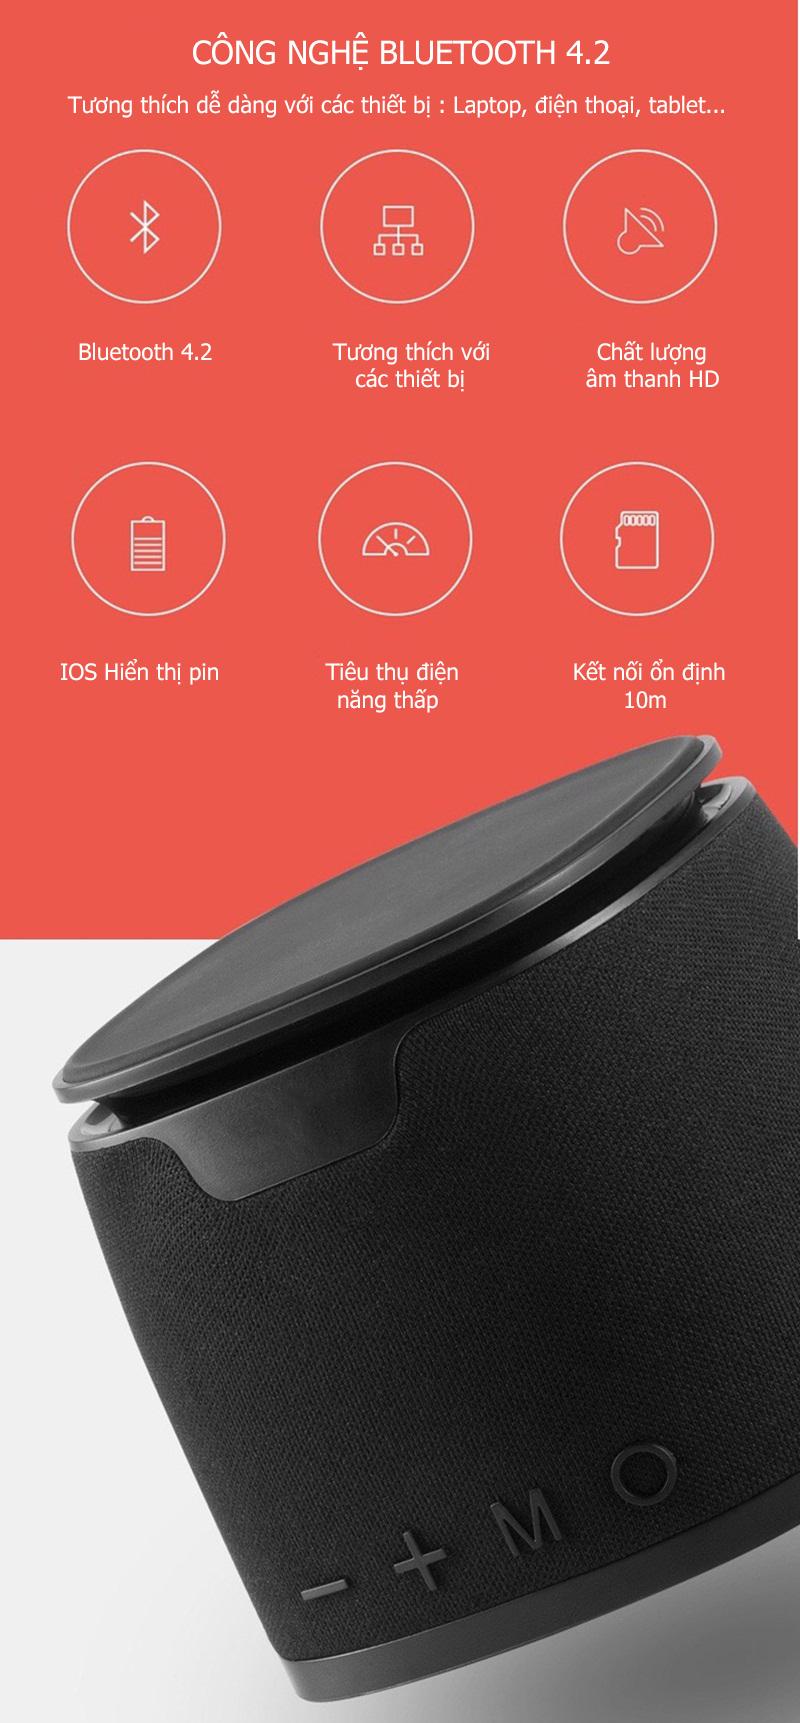 Loa Bluetooth Âm thanh HiFi - Hỗ trợ sạc không dây L1